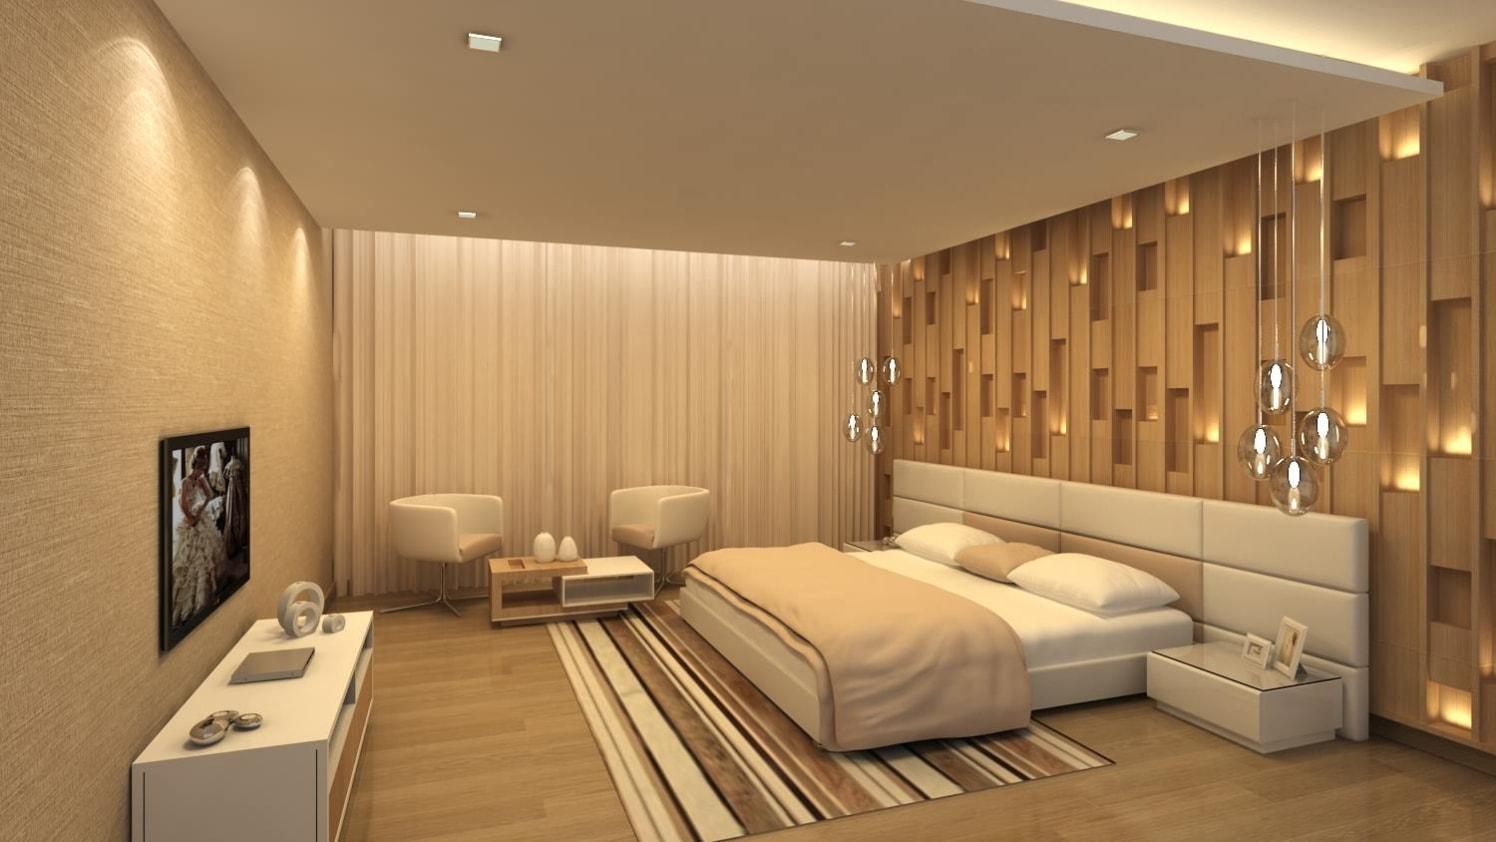 Bedroom with marble flooring by De Panache Interior Architecture  Bedroom Contemporary | Interior Design Photos & Ideas